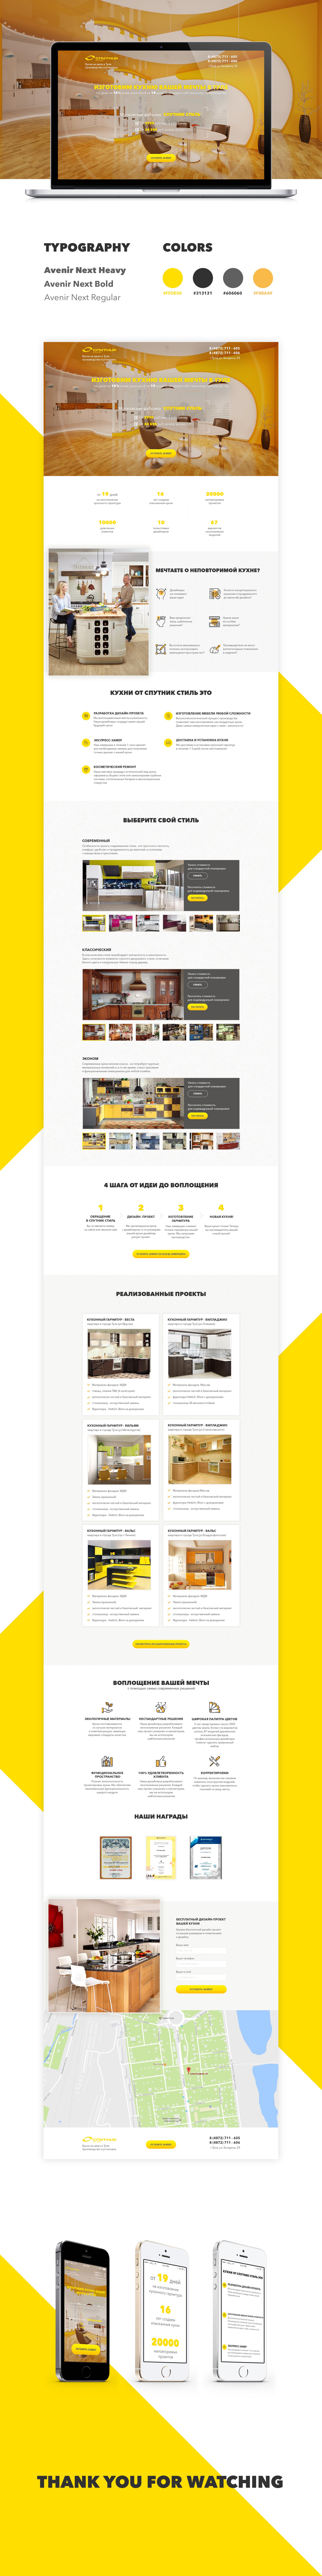 Landing Page of Kitchen Design | Web/UI Design | Pinterest | Kitchen ...